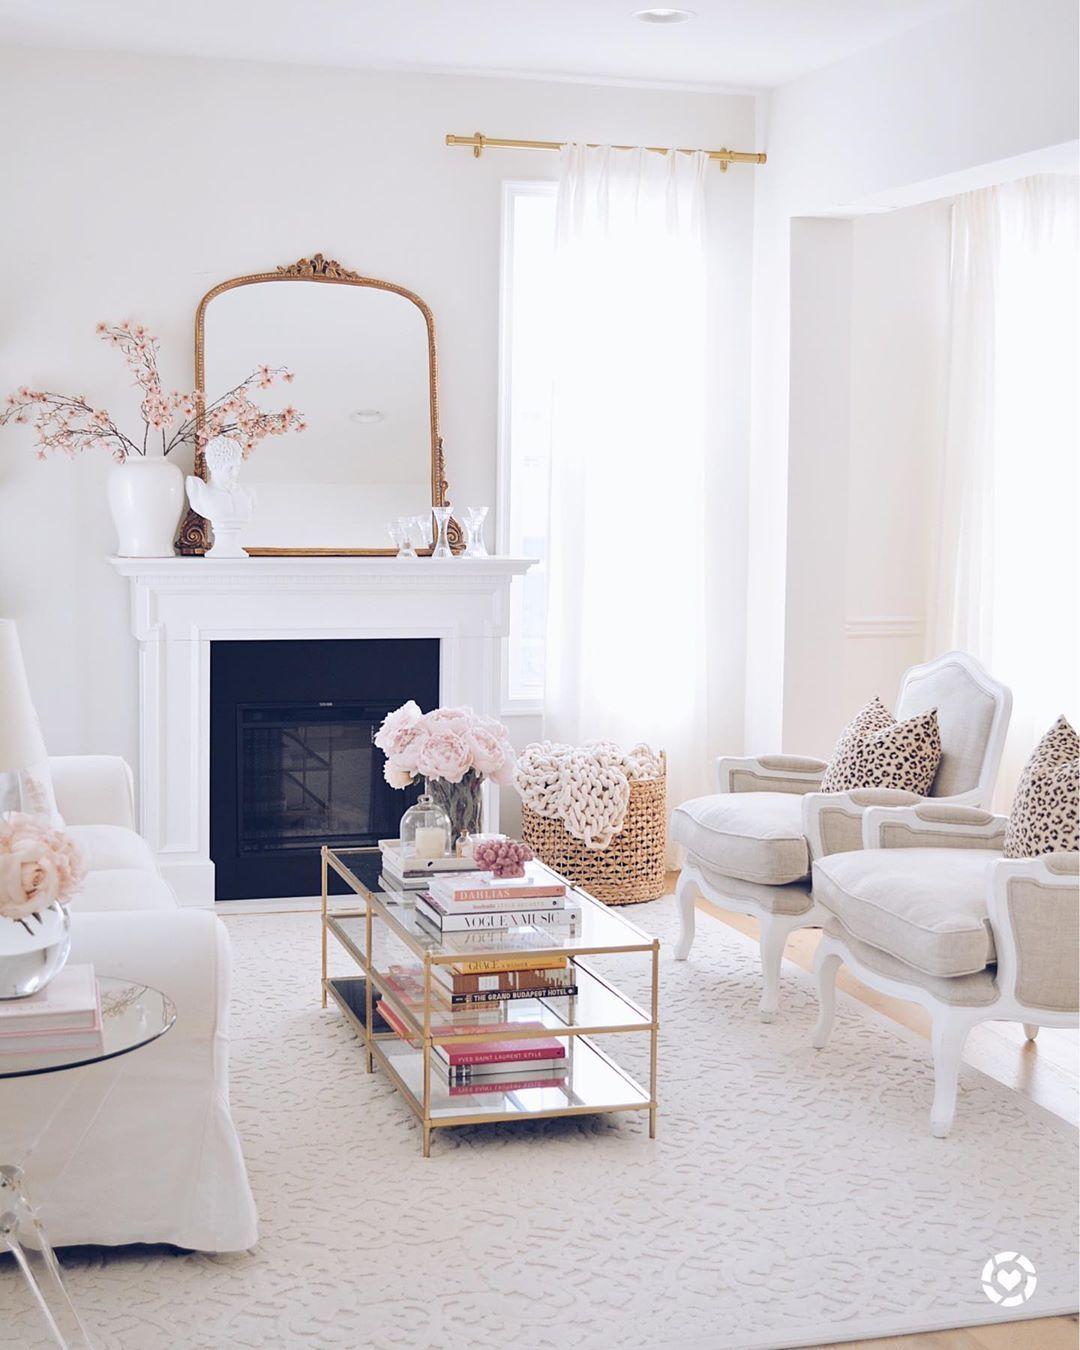 Glam Wohnzimmer mit französischem Spiegel und antiken Akzentstühlen via @ the.pink.dream